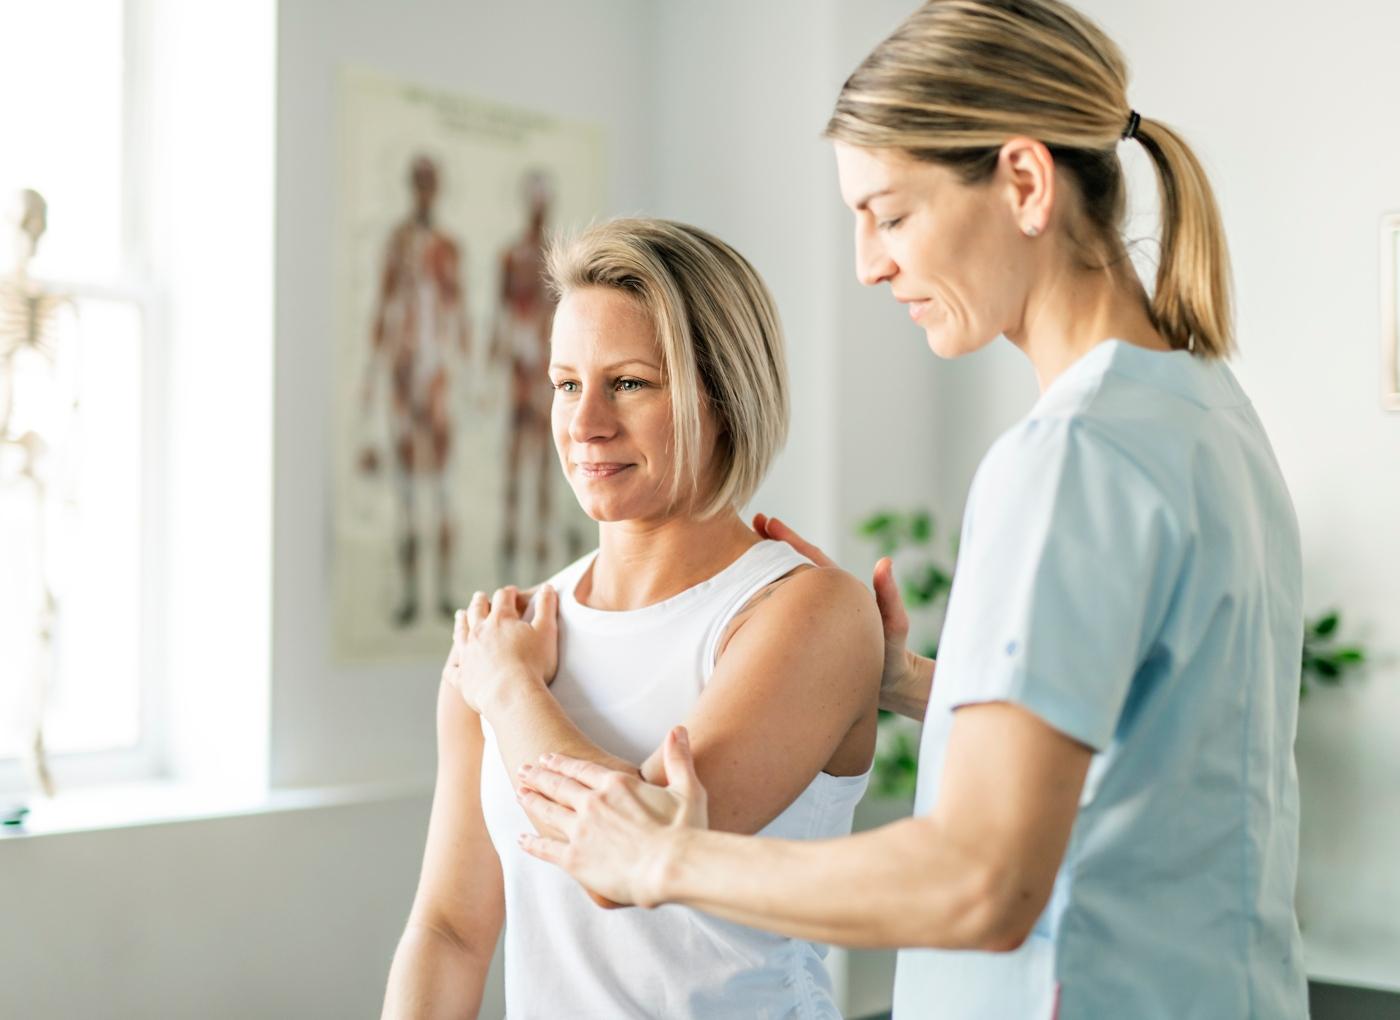 Dor no cotovelo: causas e tratamentos